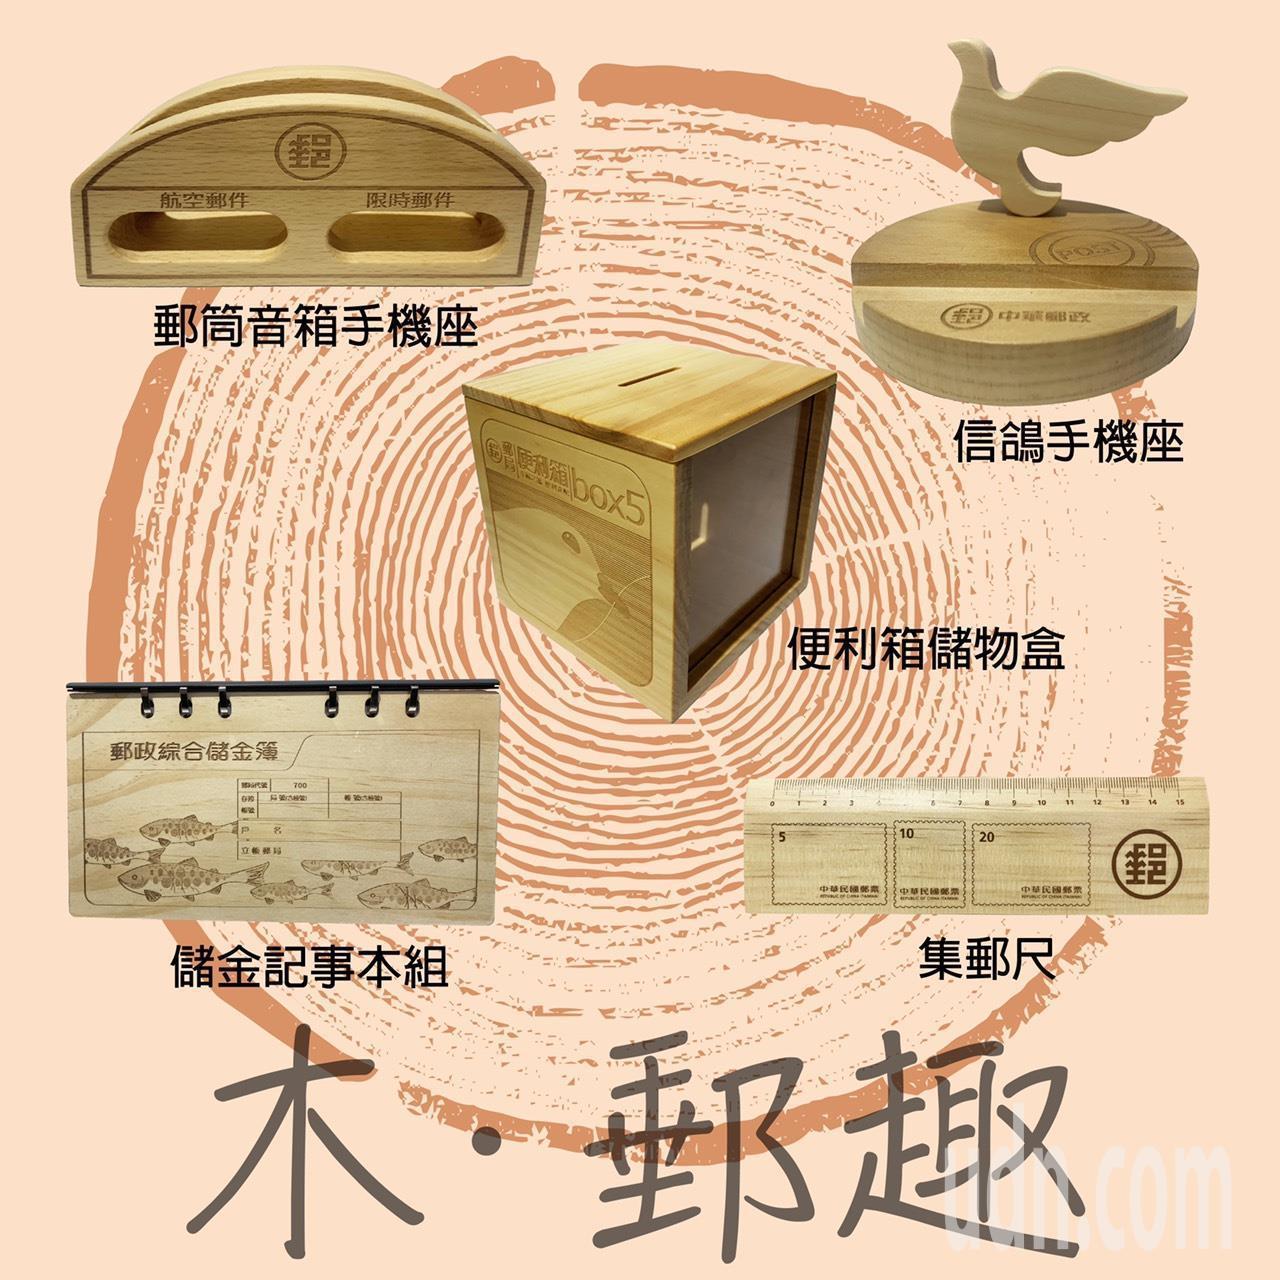 中華郵政推木質文創商品。記者洪安怡/攝影